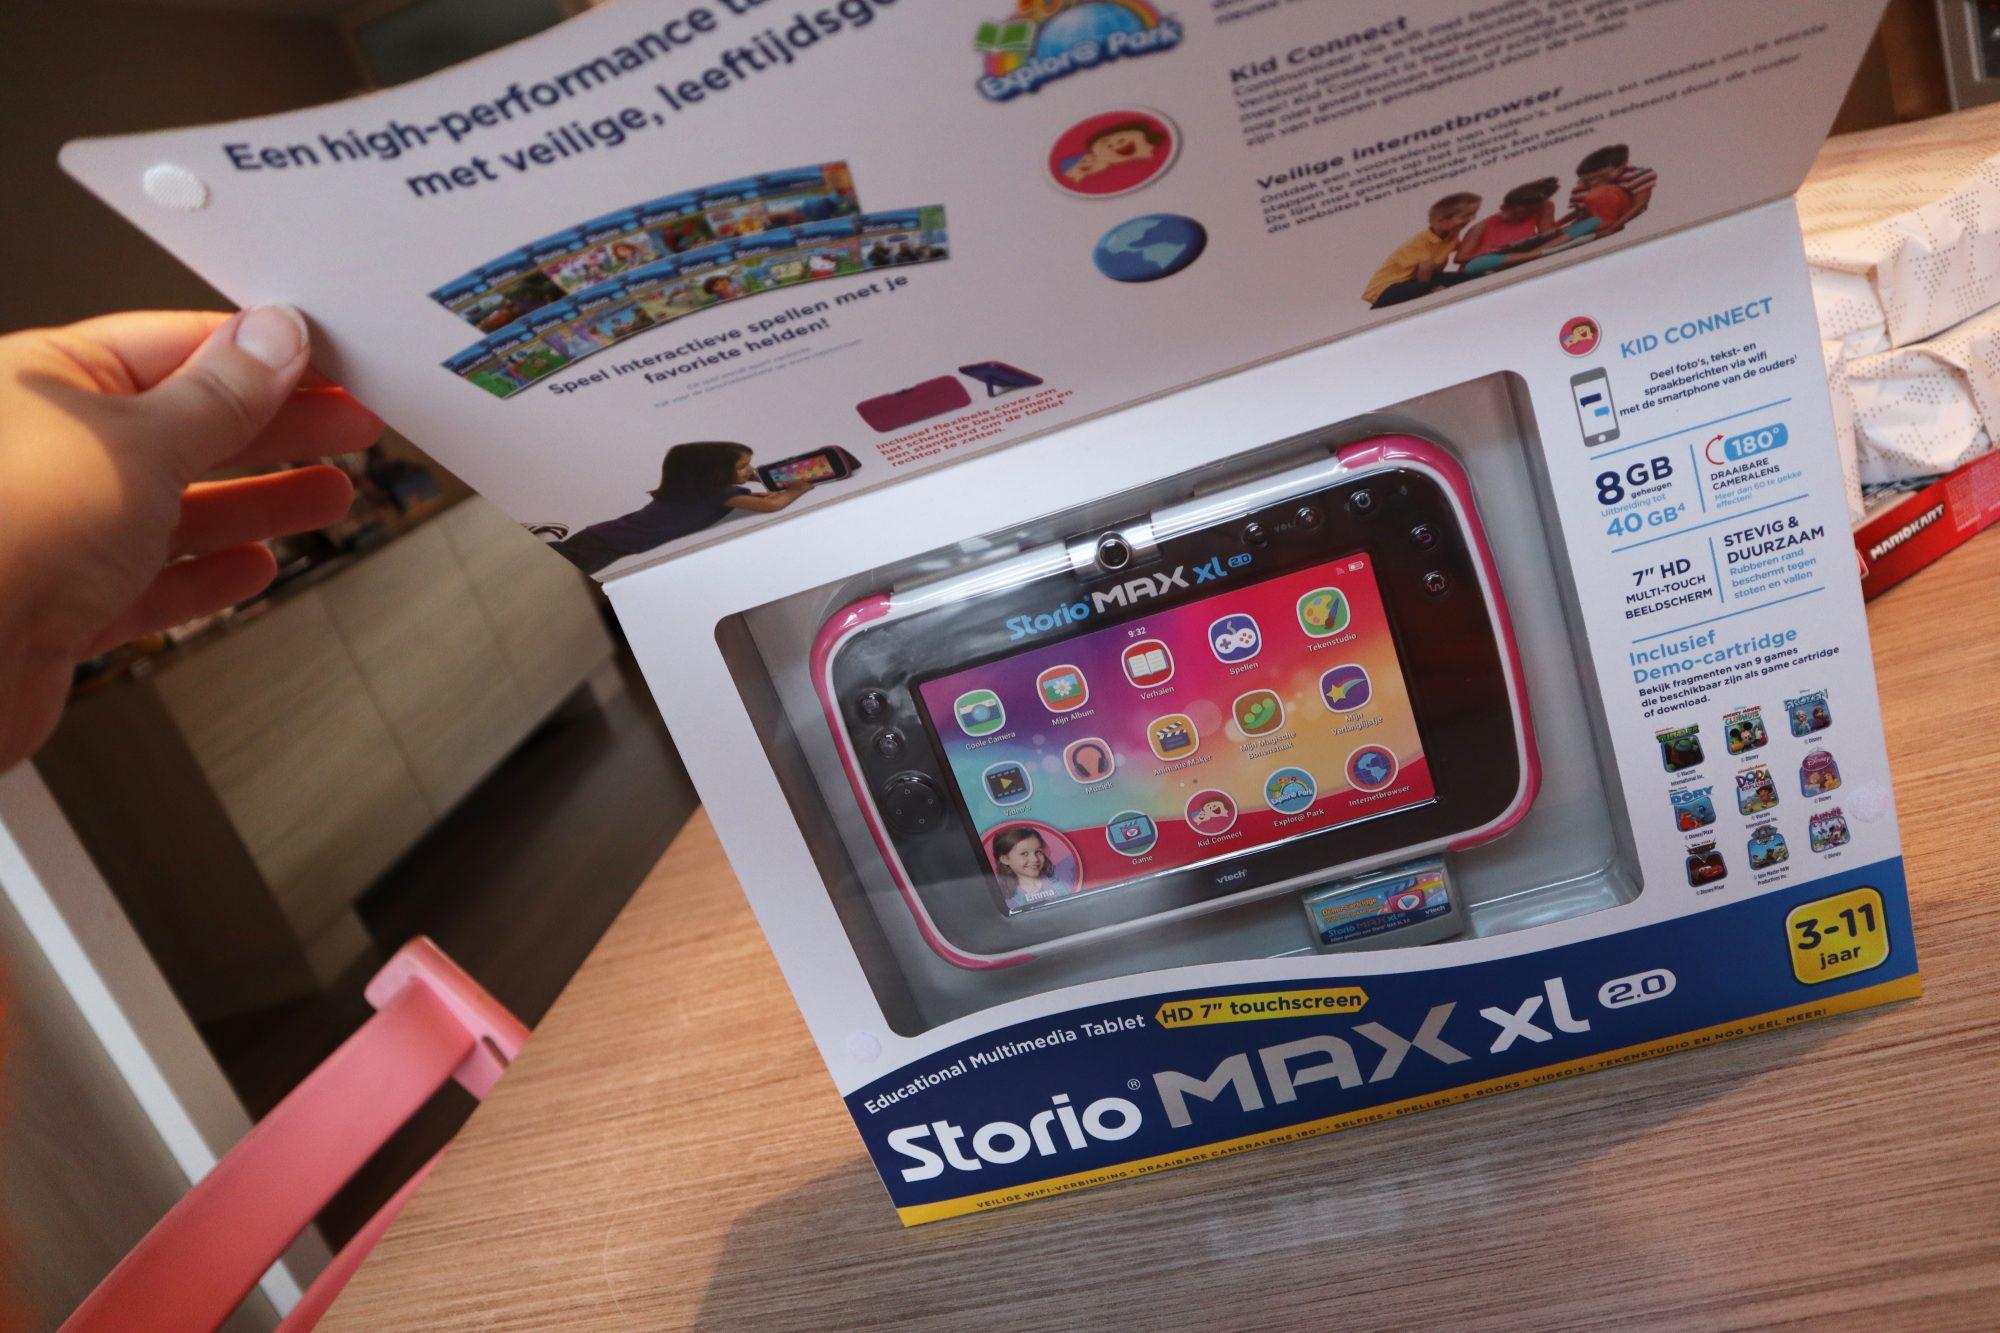 VTech Storio Max XL 2.0